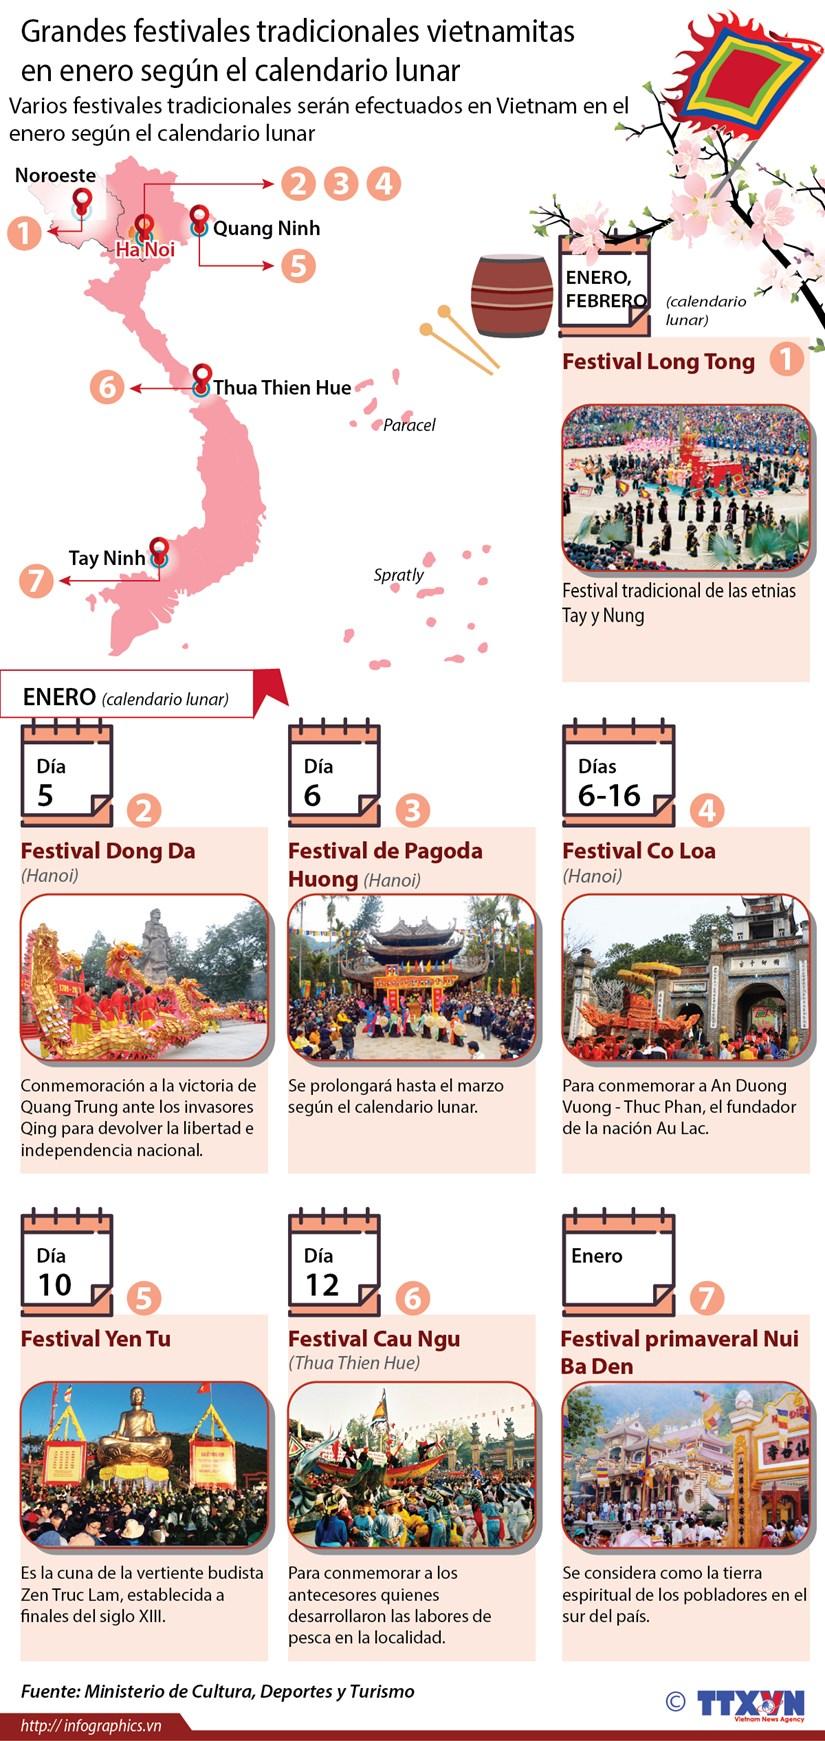 [Infografia] Grandes festivales tradicionales vietnamitas en enero segun el calendario lunar hinh anh 1